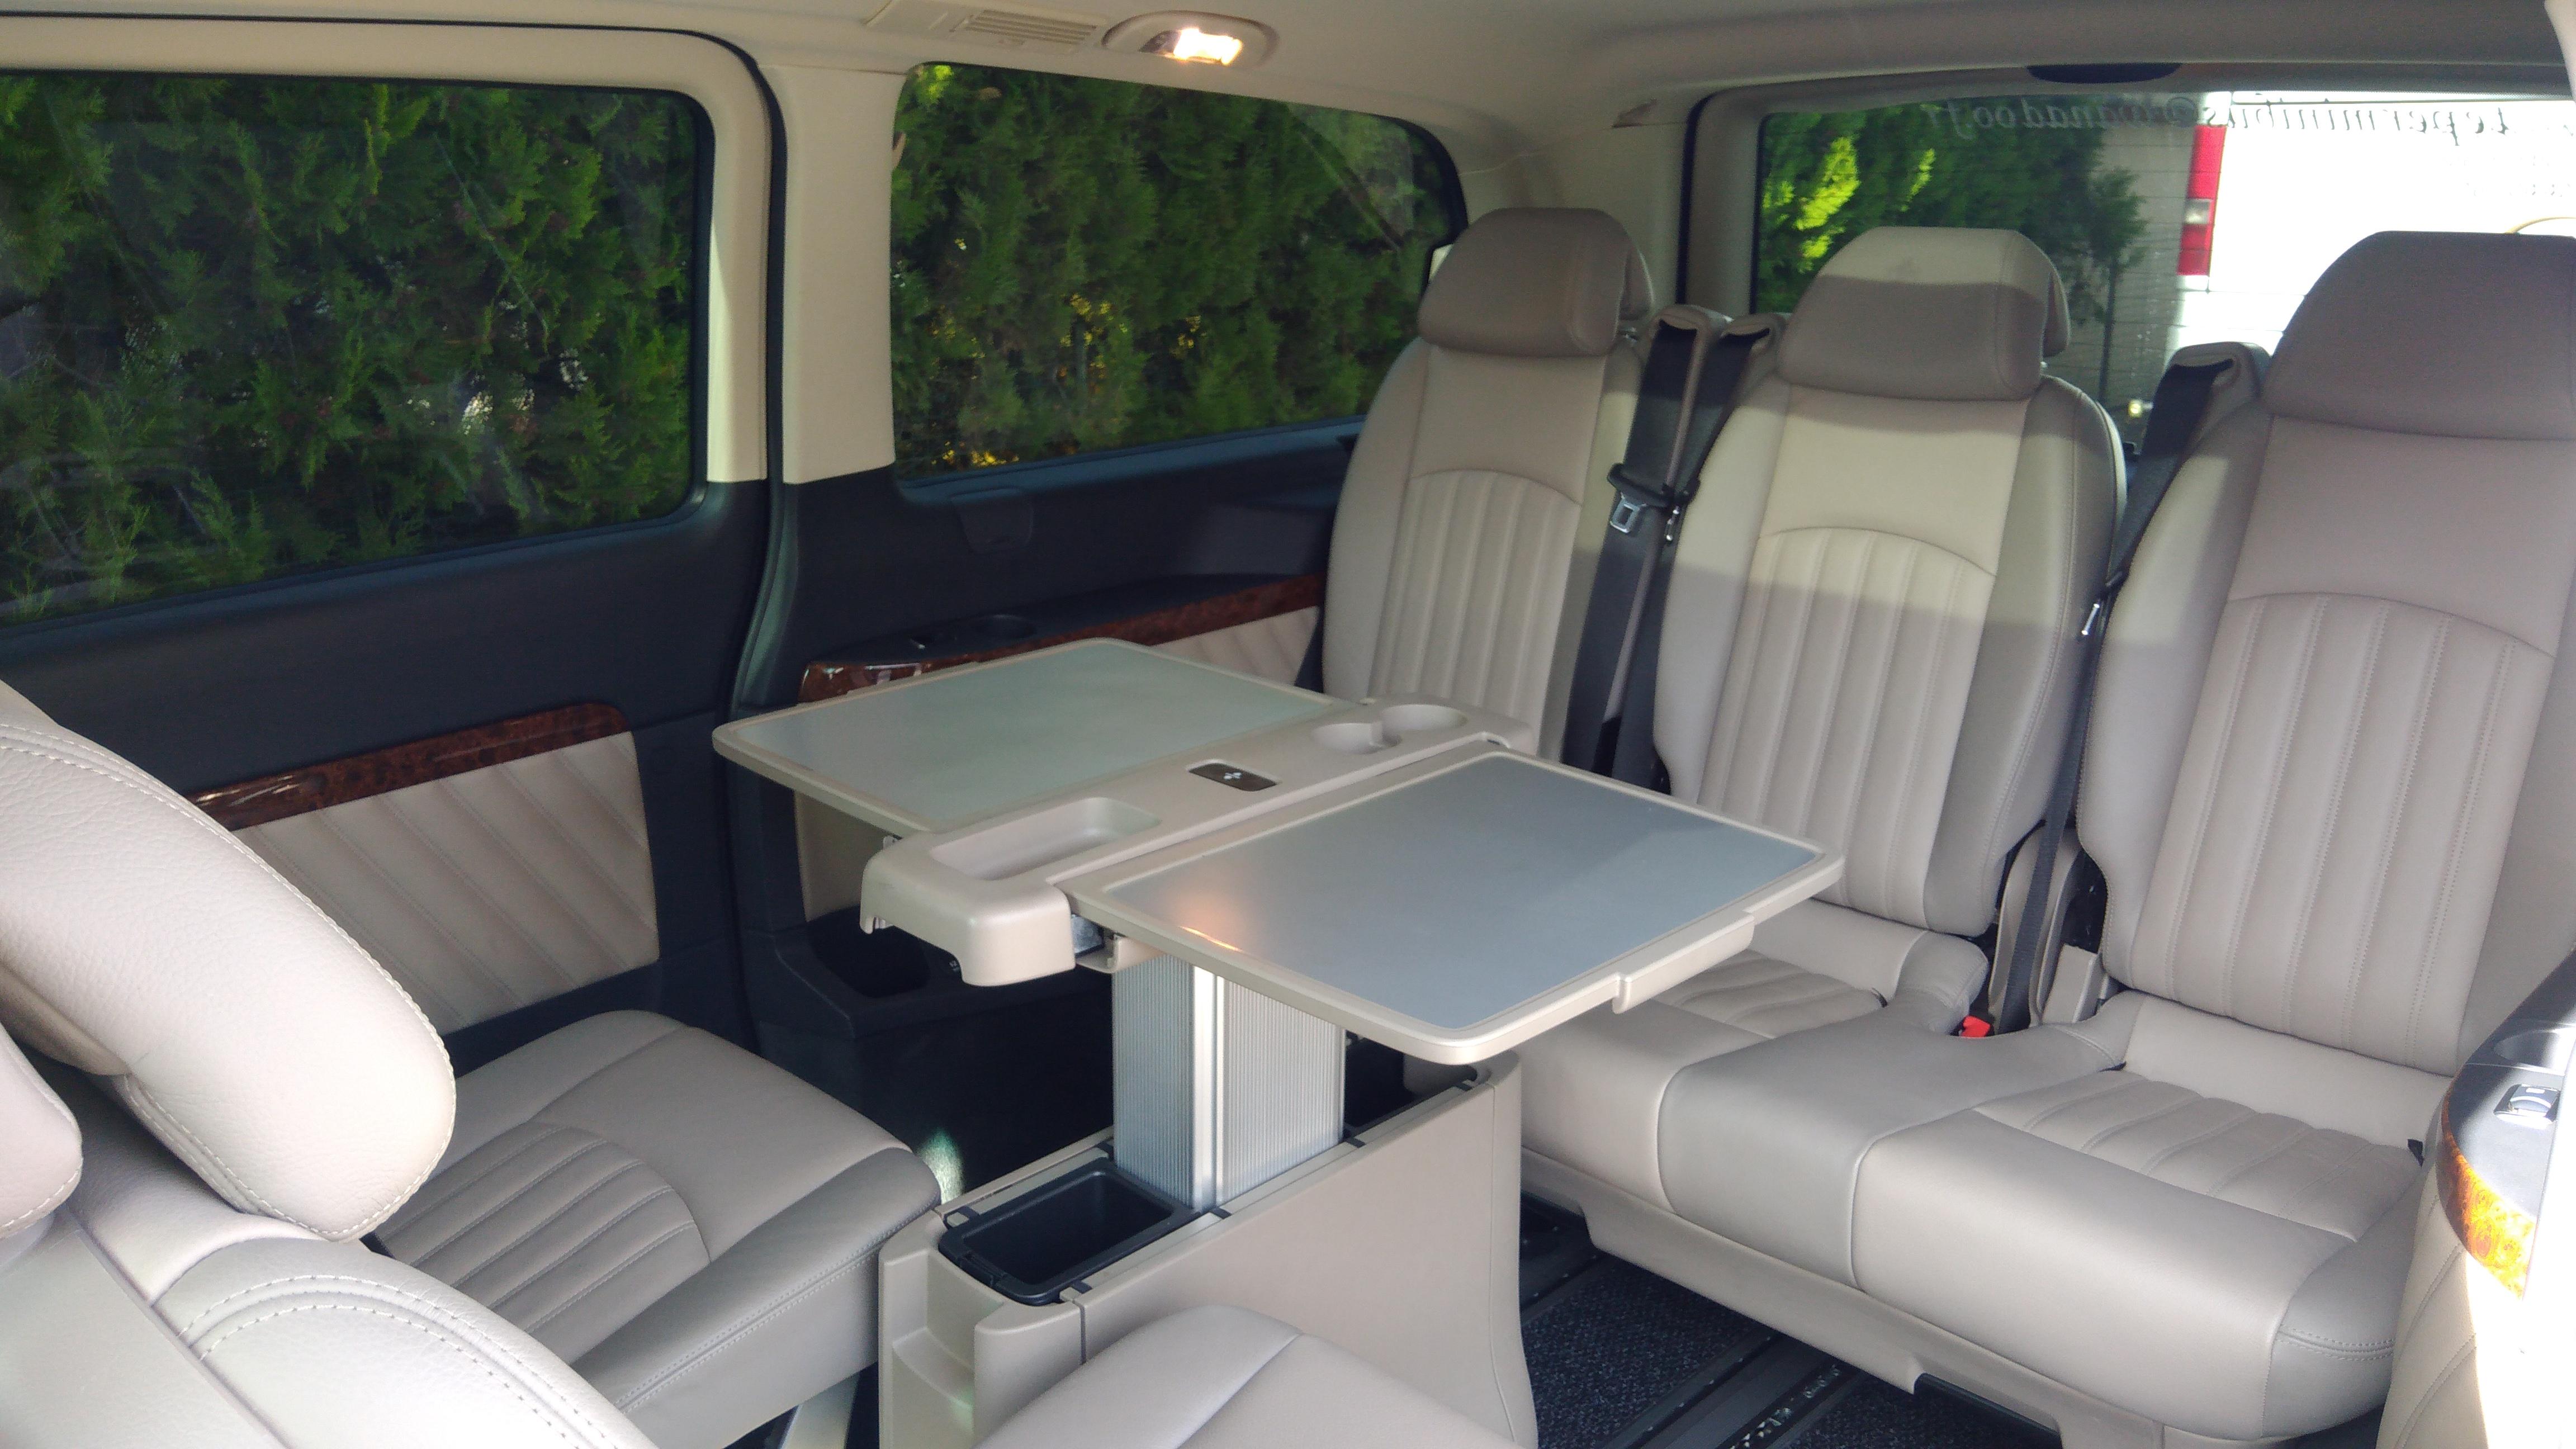 transfert-voiture-minibus-autocar-avec-chauffeur-marseille-aeroport-aix-en-provence-cadarache-verdon